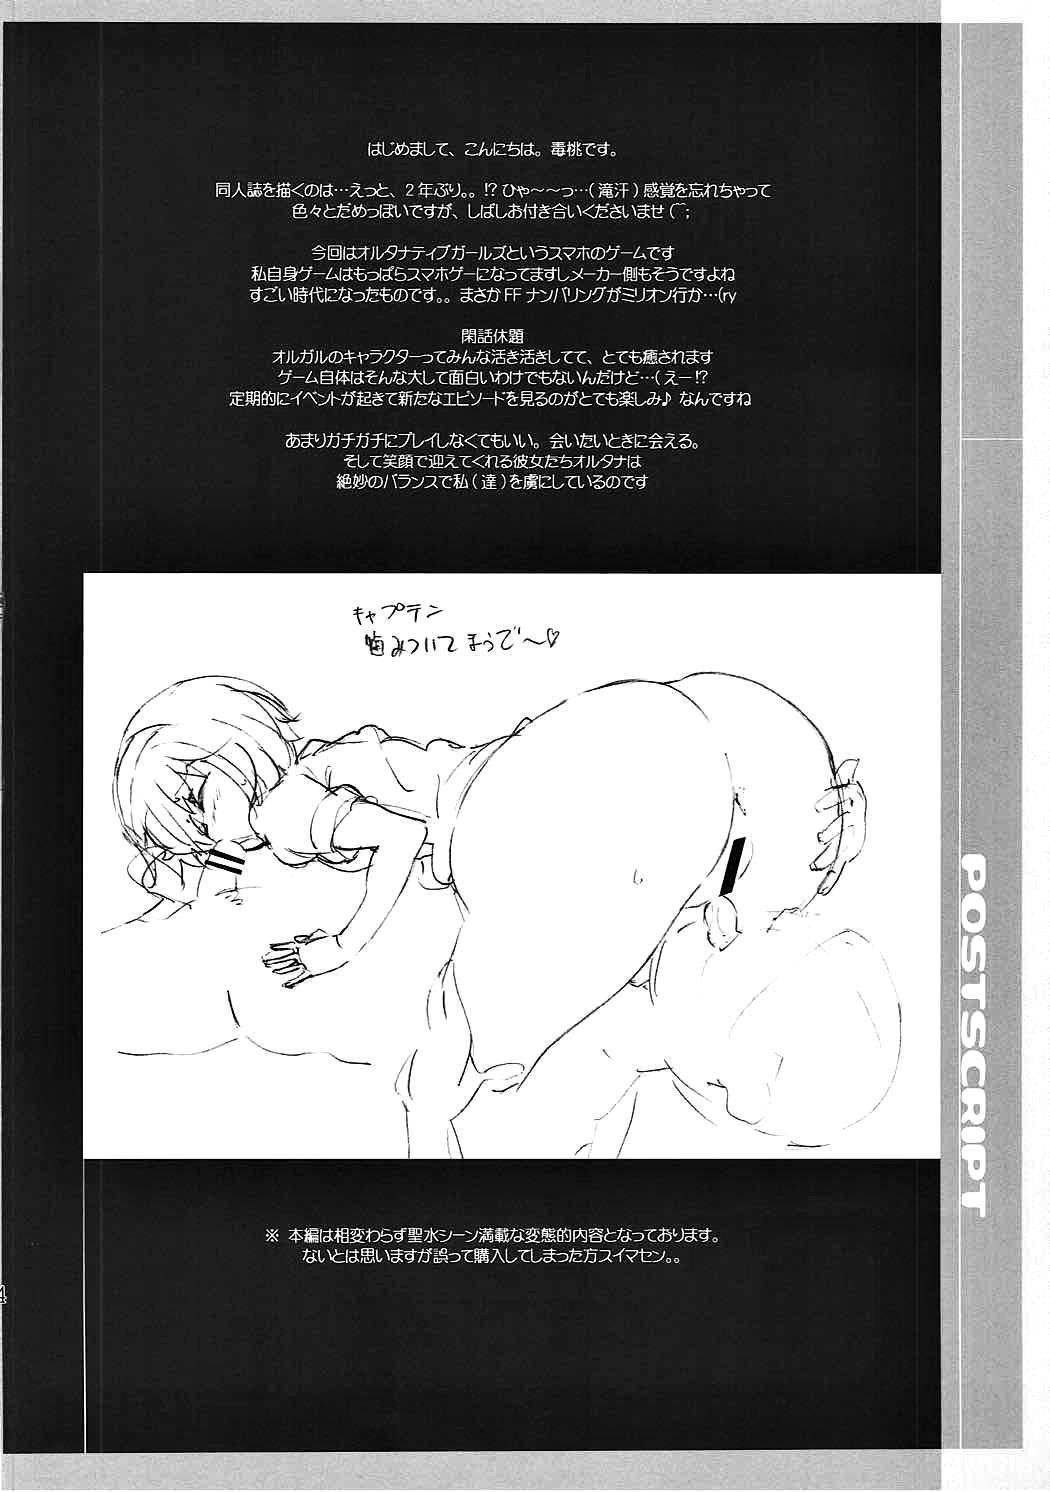 【オルガル エロ漫画・エロ同人誌】みんなの放尿シーンに発情して荒ぶるちんこをま〇こに挿入れて中出しwwwww (3)